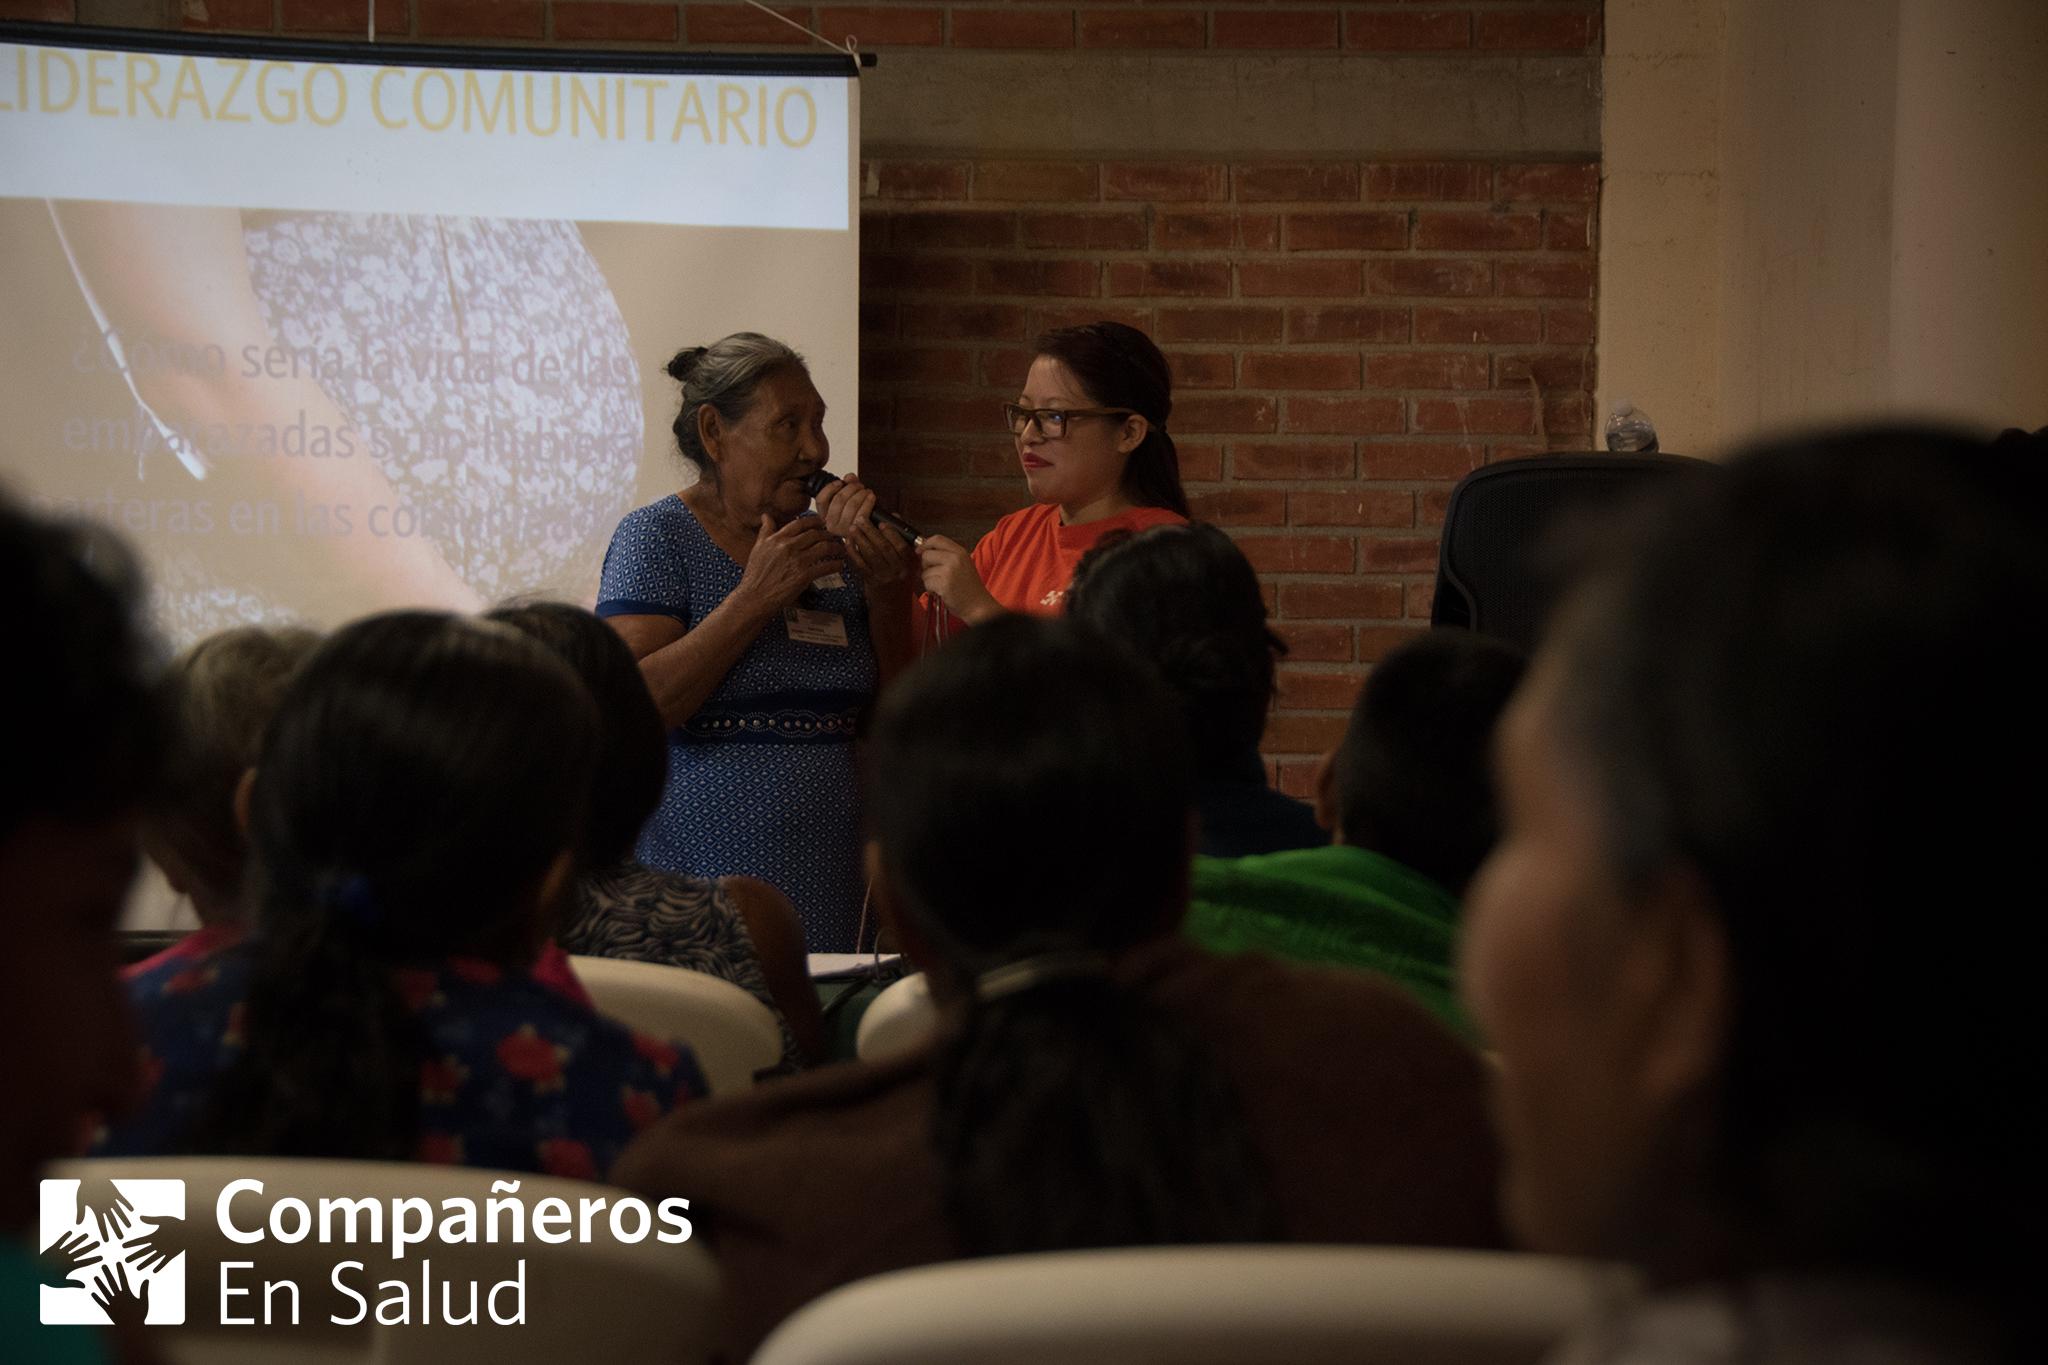 Este año, CES organizó una serie de eventos para crear intercambio de conocimientos entre parteras tradicionales de la región, el personal del hospital comunitario y nuestro equipo de salud materna. Durante el primer evento, más de 30 parteras de 20 comunidades se nos unieron en esta colaboración para el beneficio de todas las mujeres a que servimos. (De izquierda: la partera Margarita habla al grupo con la ayuda de la pasante de enfermería y obstetricia Dolores Macías Bernal)